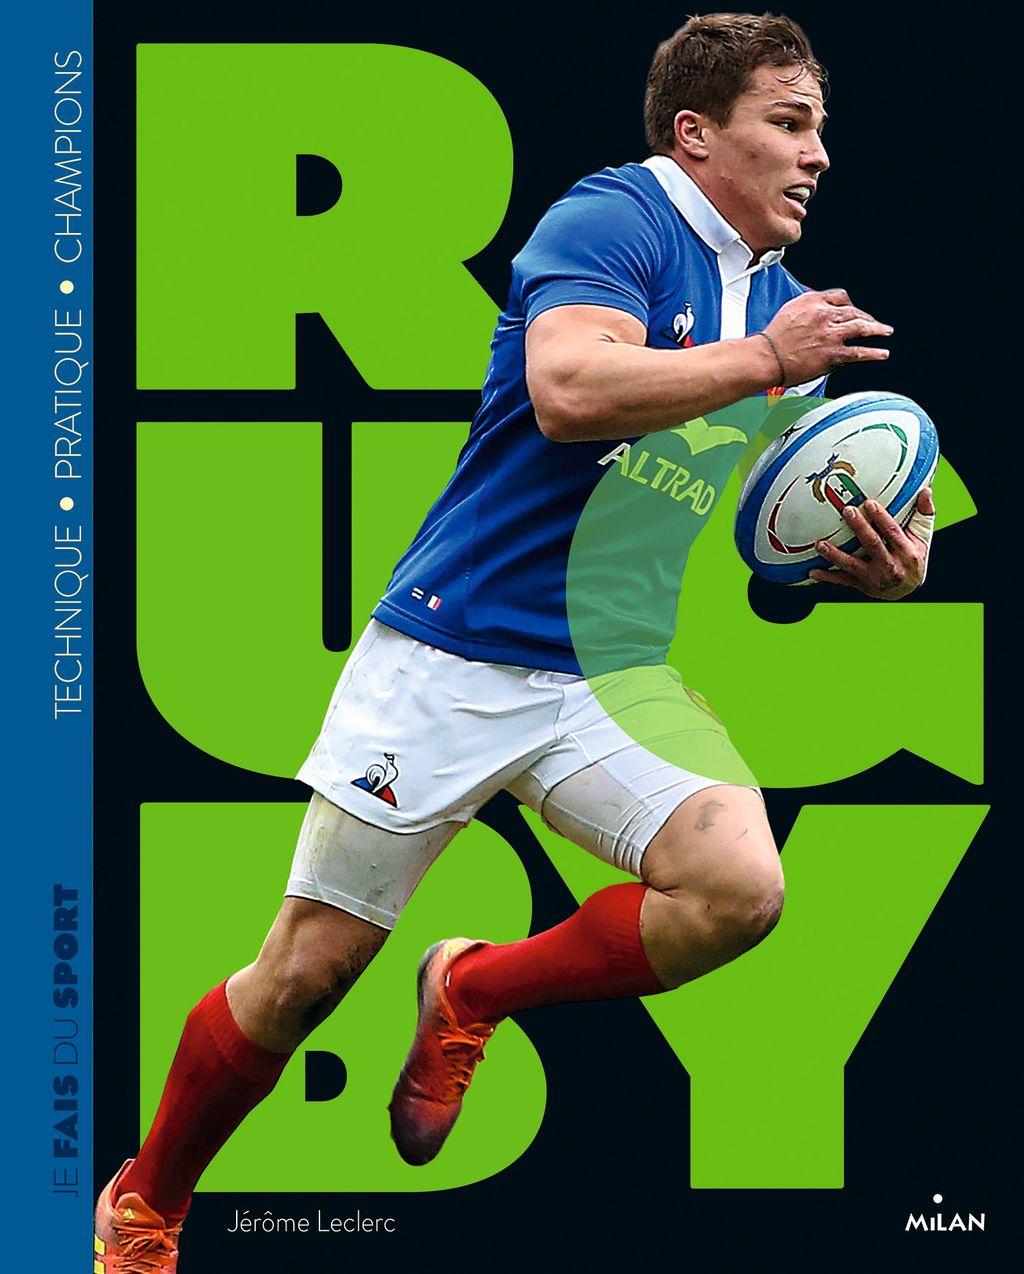 Couverture de «Le rugby»